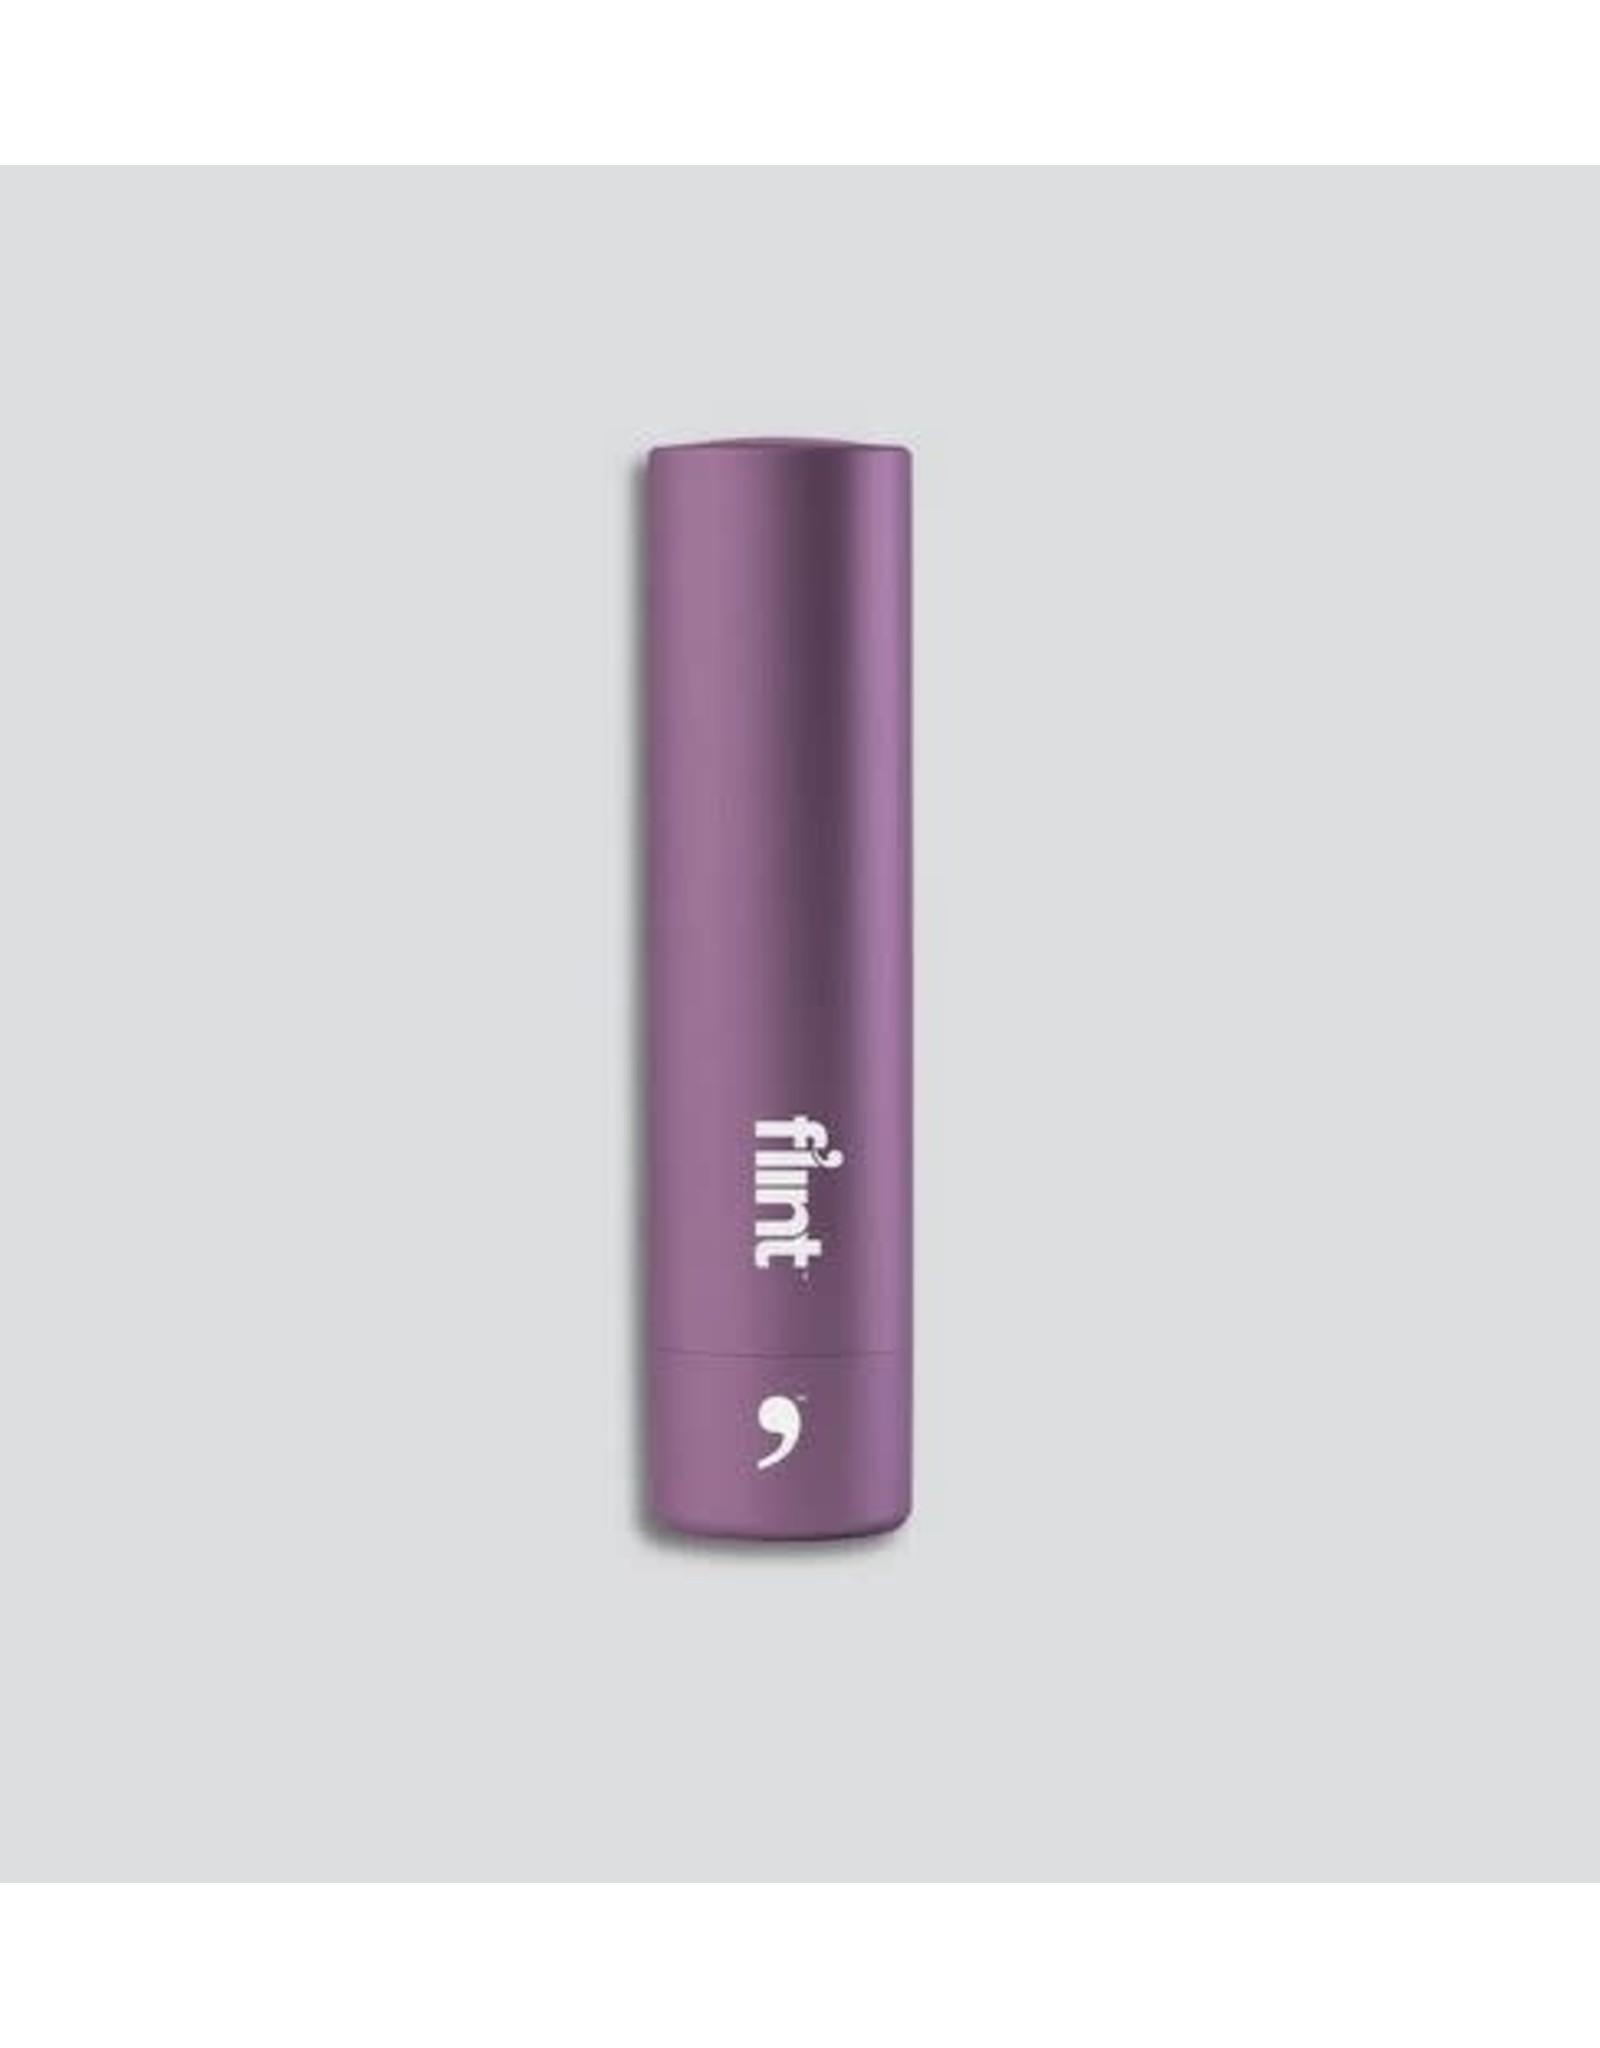 FLINT FLINT METALLIC TRAVEL LINT ROLLER